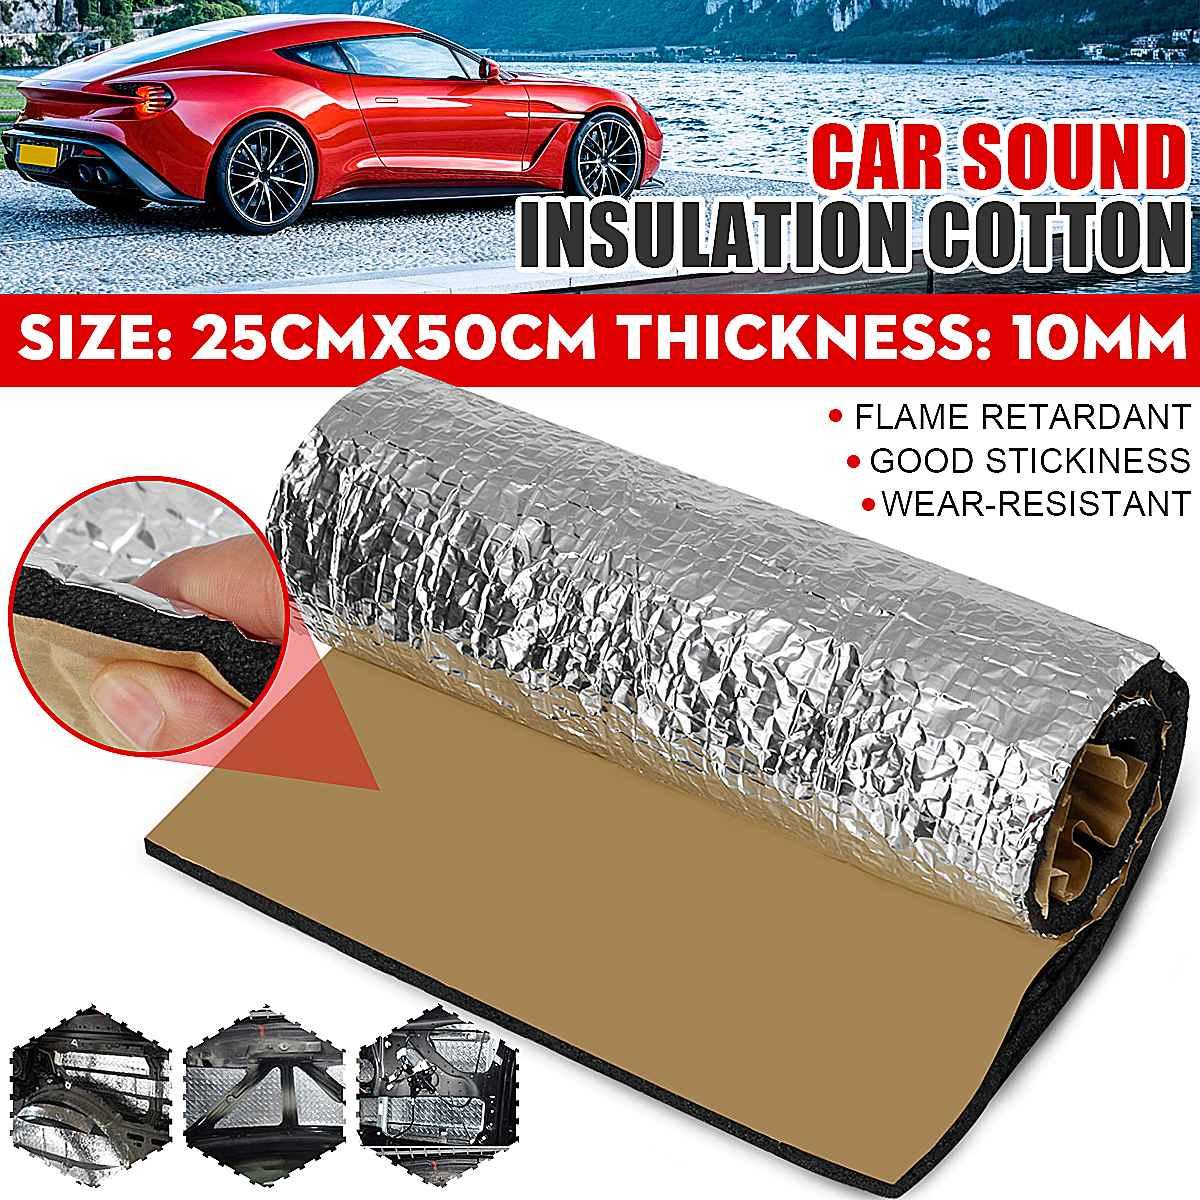 25x50cm 자동차 사운드 데드너 코튼 방음 매트 소음 방지 쉴드 10mm 알루미늄 폼